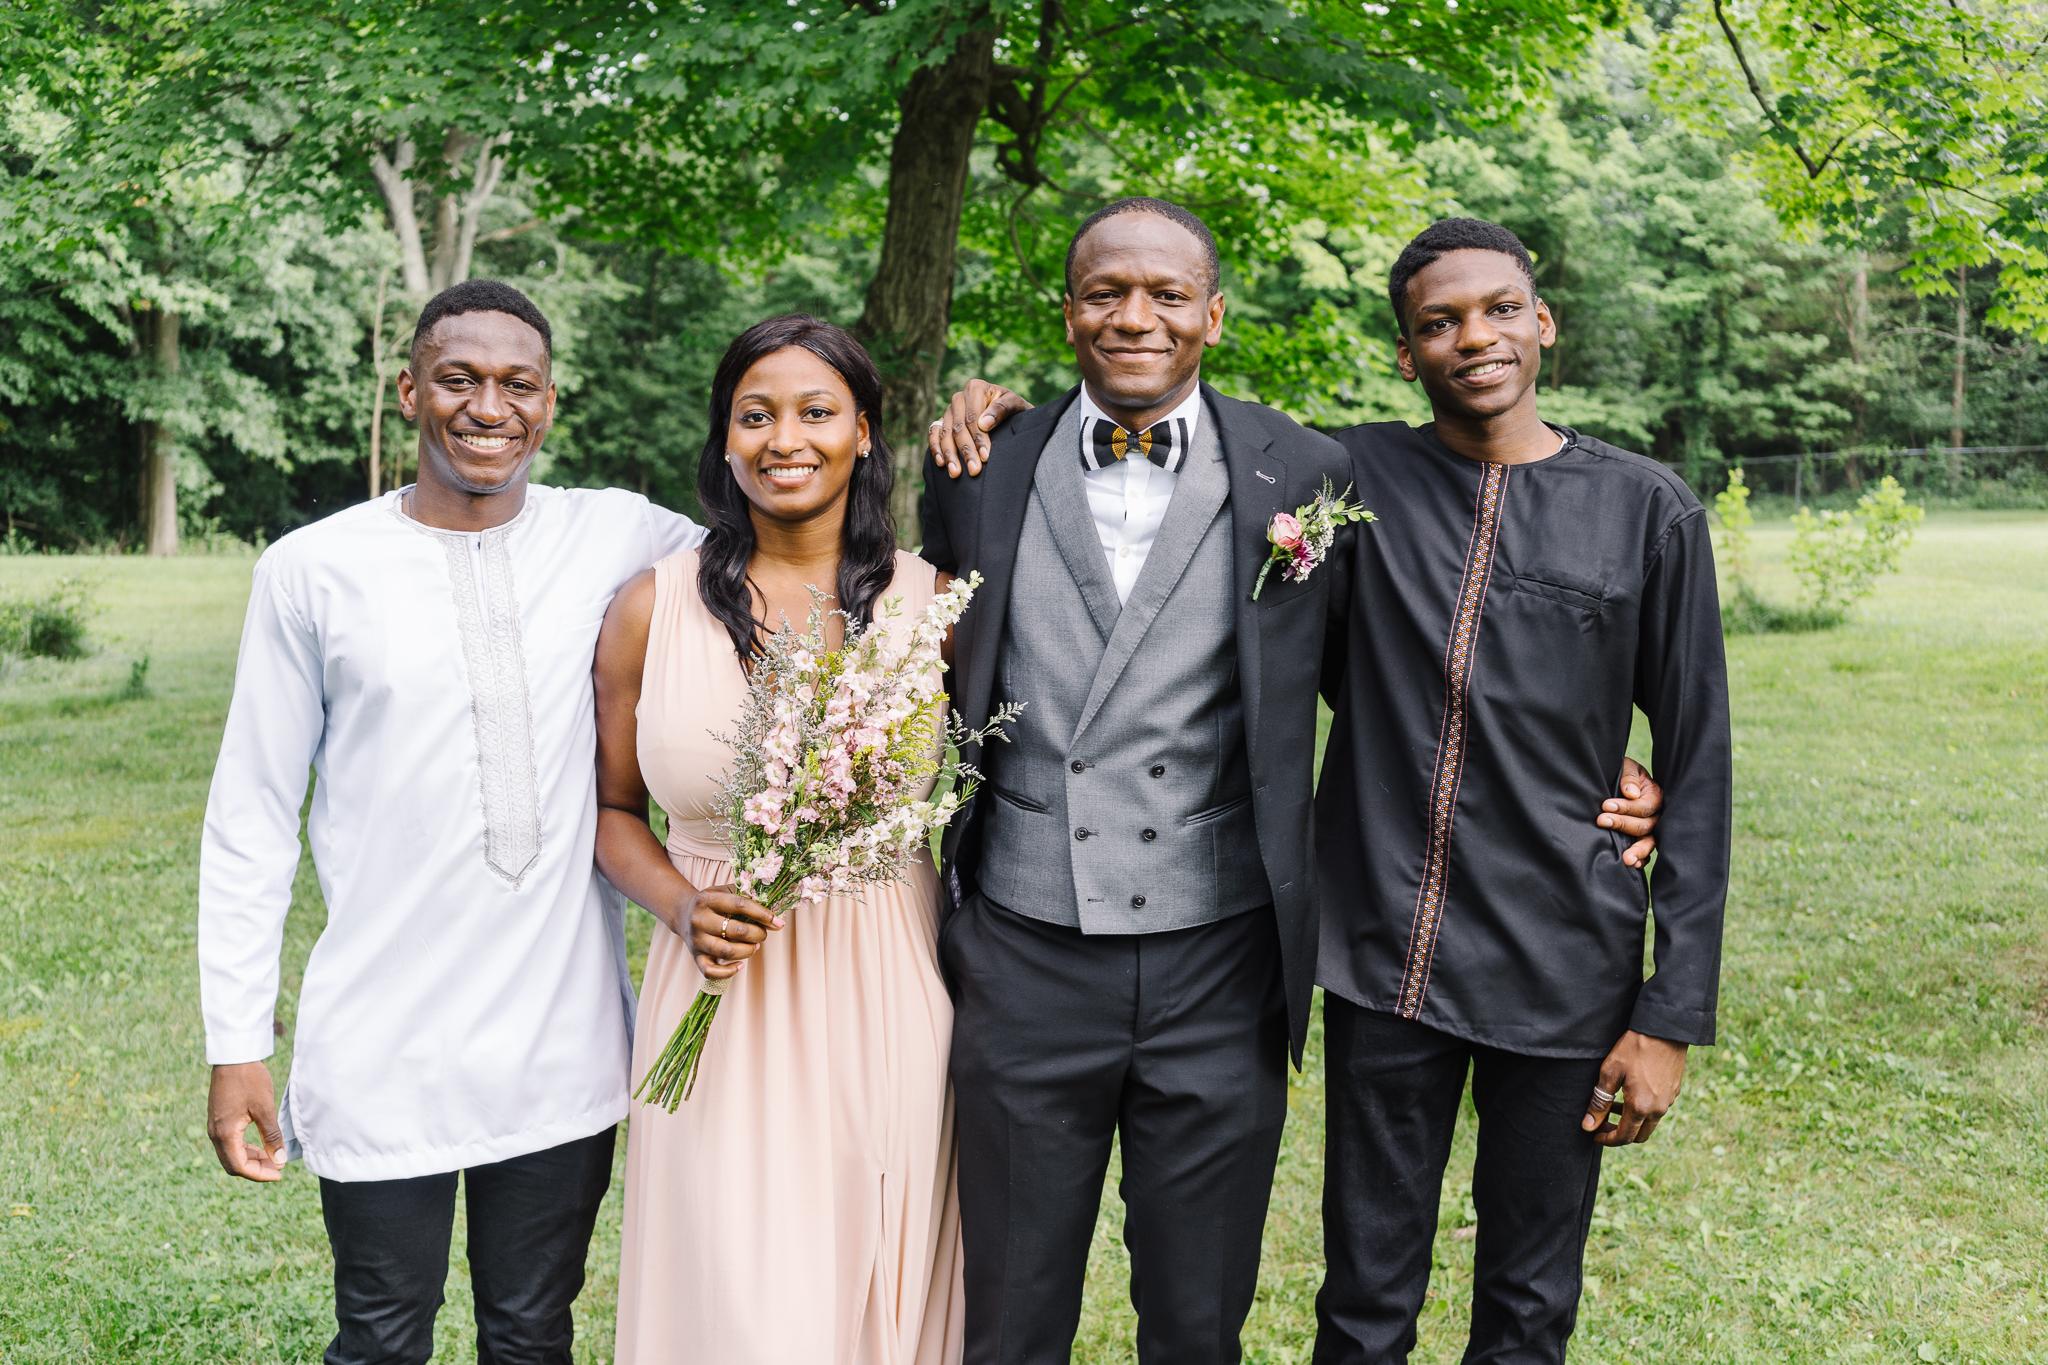 Siblings in Backyard Wedding